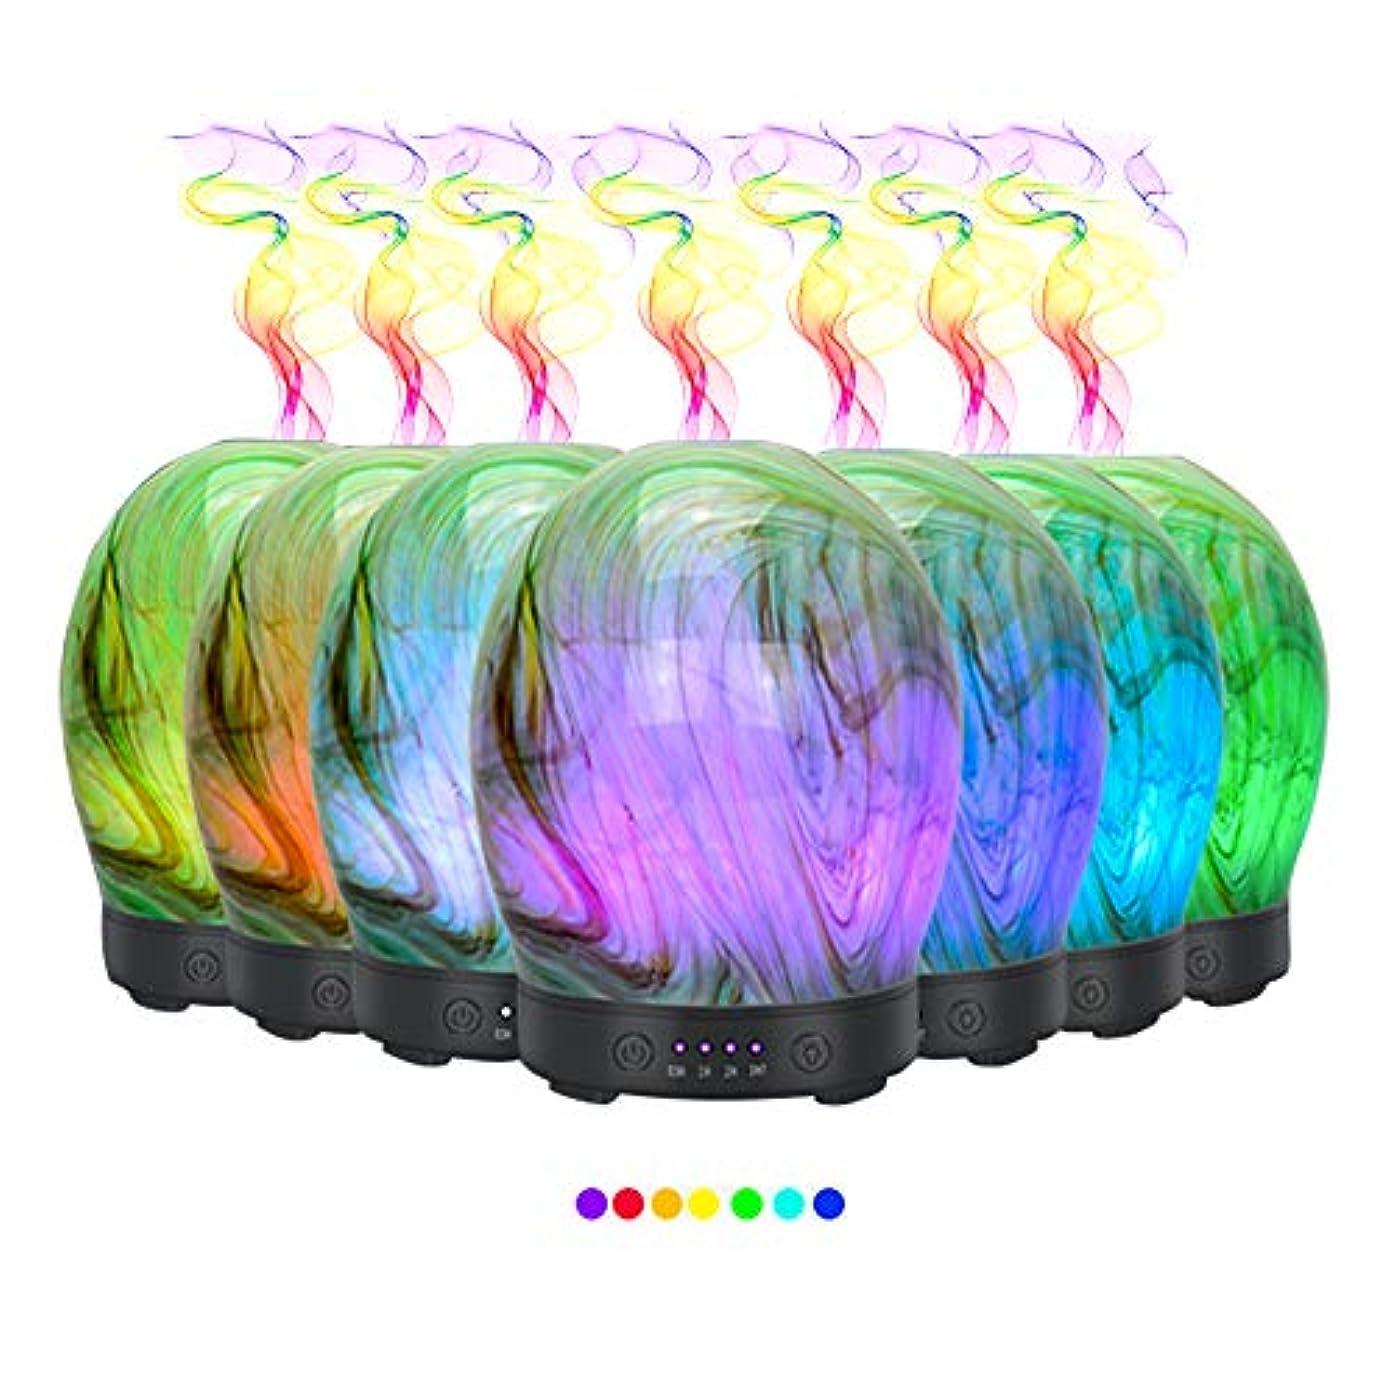 無駄に触覚モーテルエッセンシャルオイル用ディフューザー (100ml)-3d アートガラスツイストツリーアロマ加湿器7色の変更 LED ライト & 4 タイマー設定、水なしオートシャットオフ